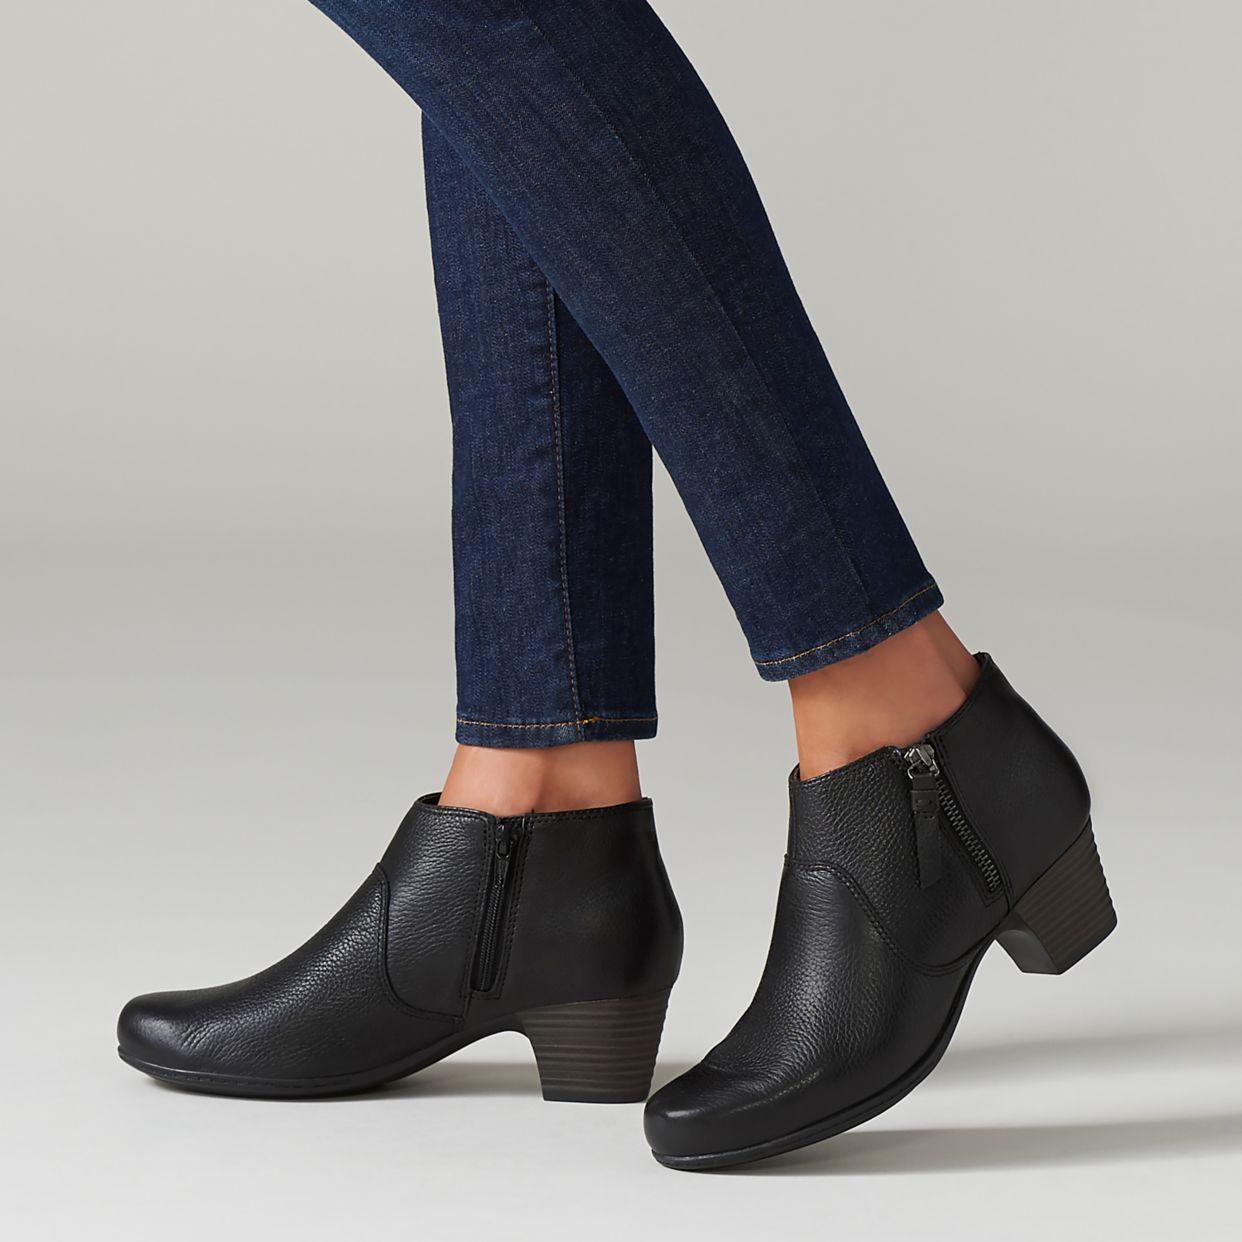 Pin on Shoes-Qvc.com